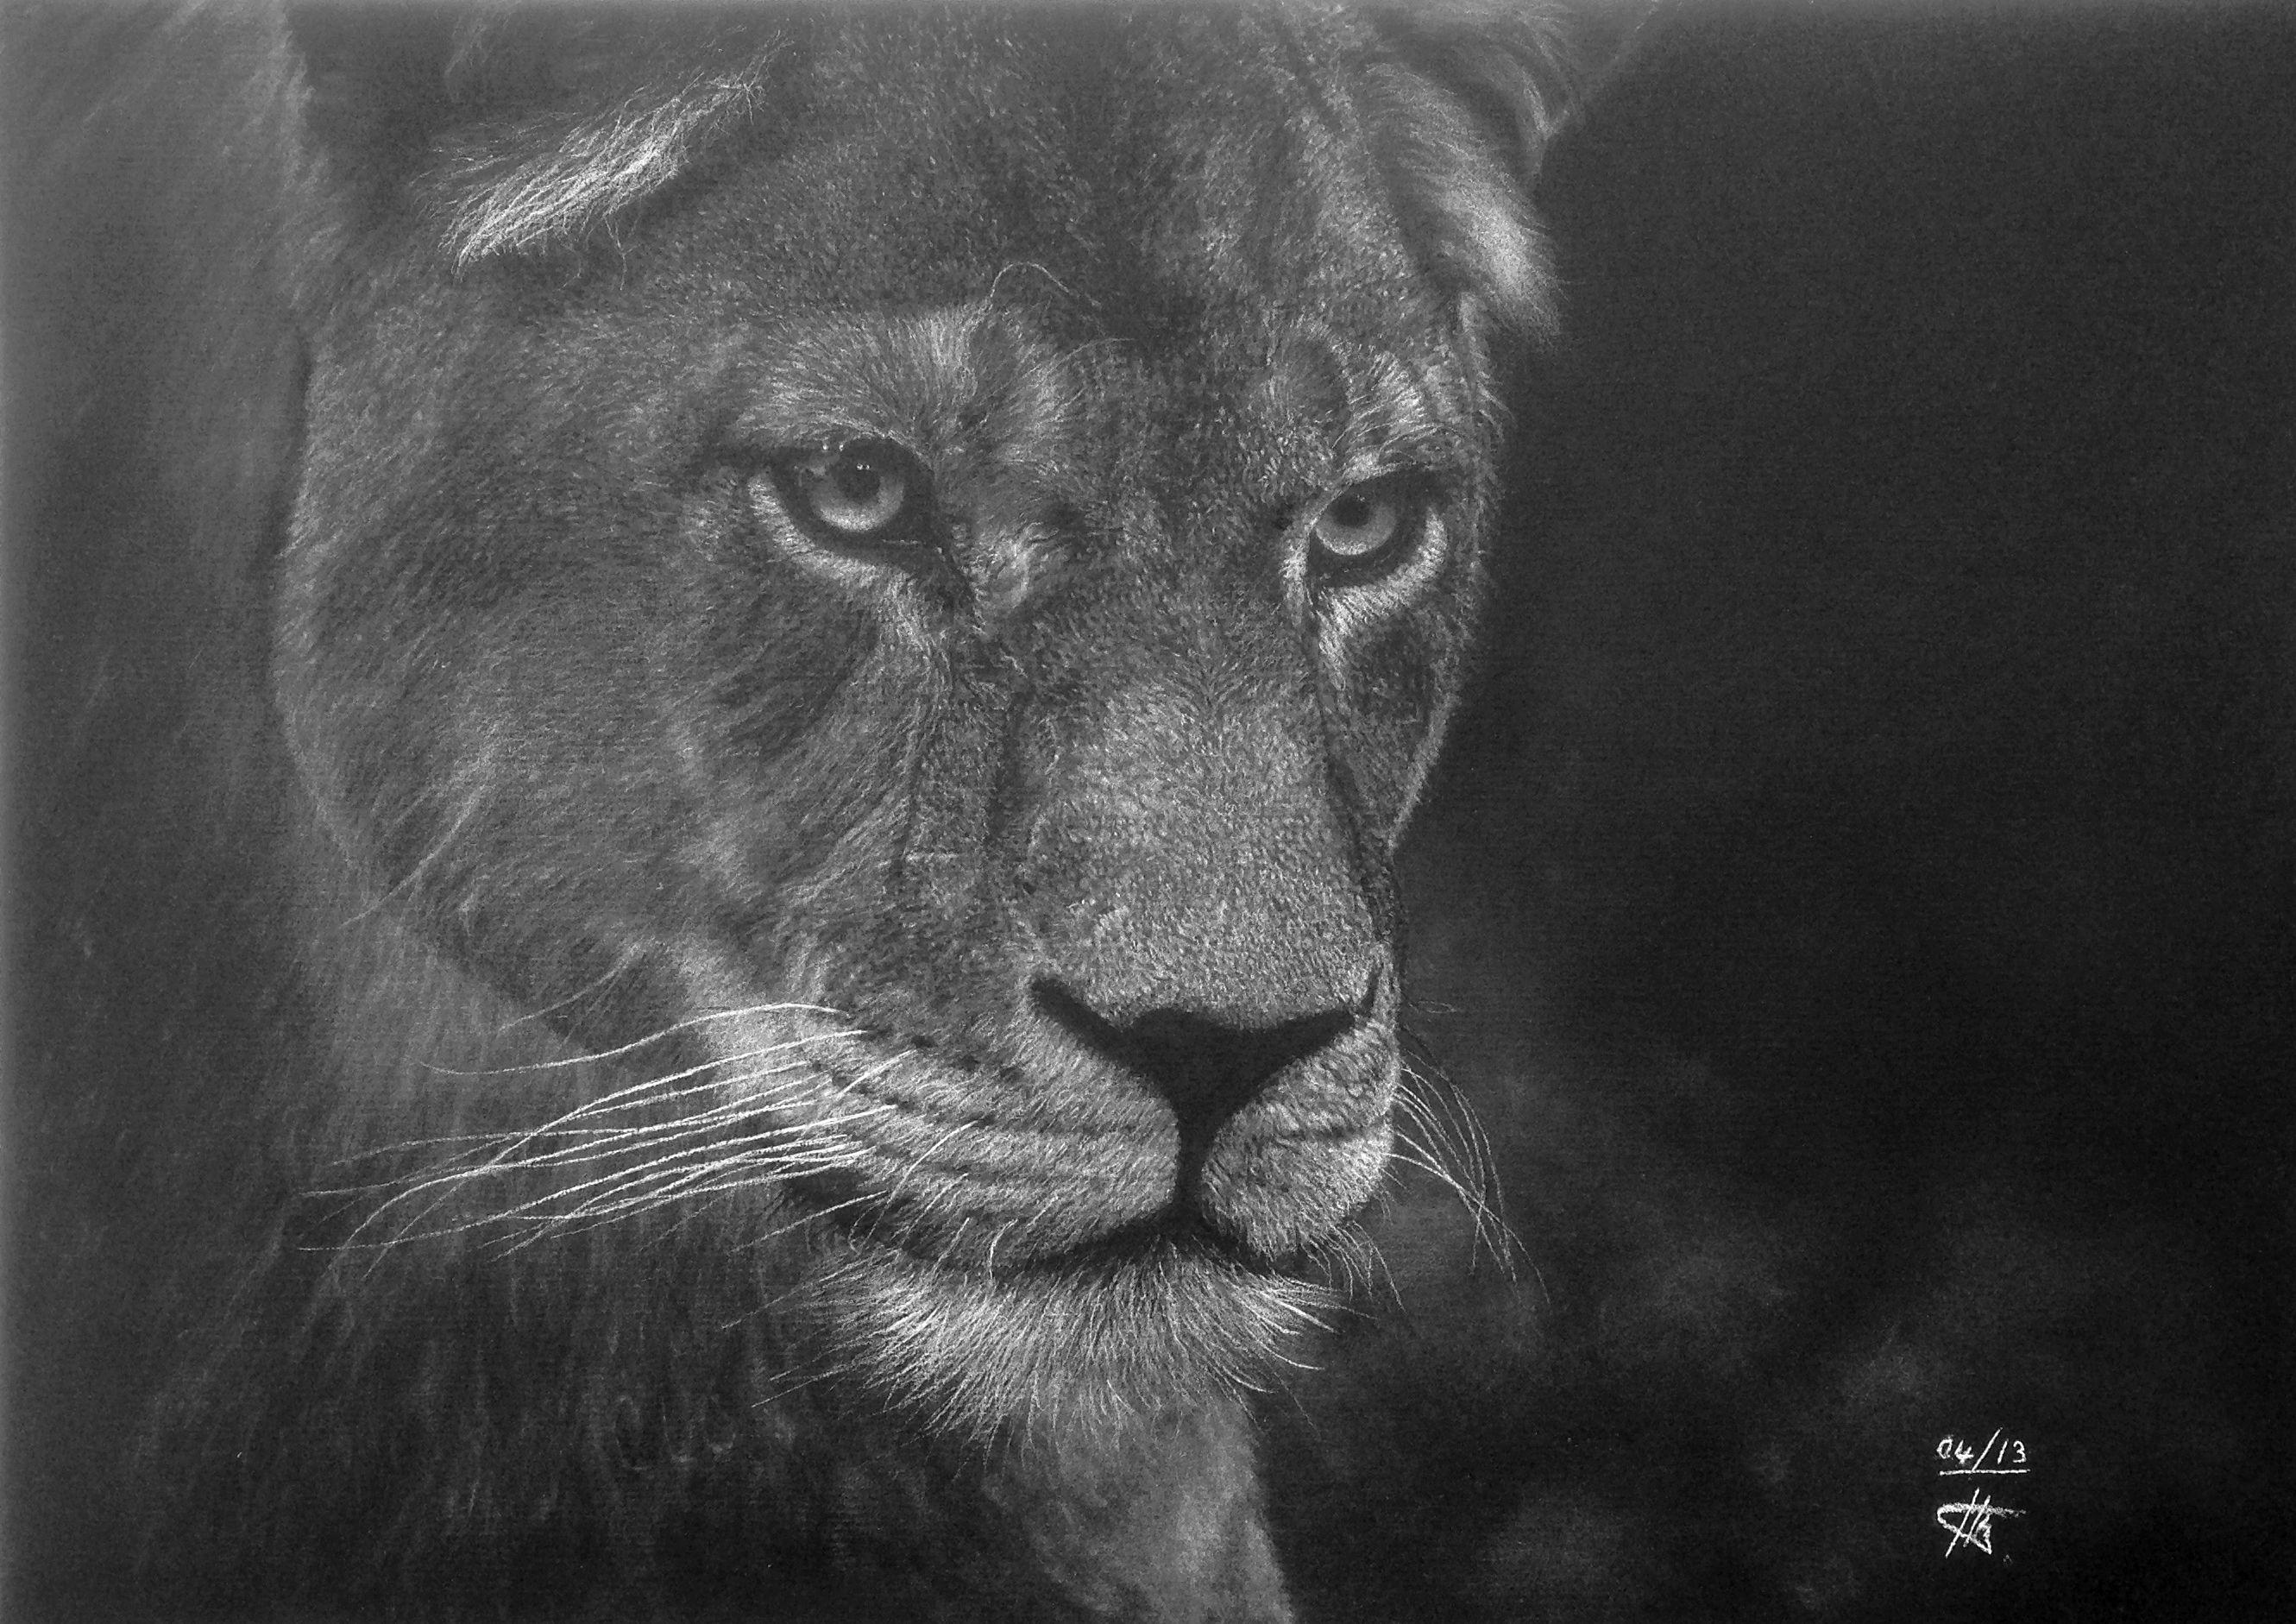 Mara la lionne dessin au crayon pastel blanc sur papier - Lionne dessin ...